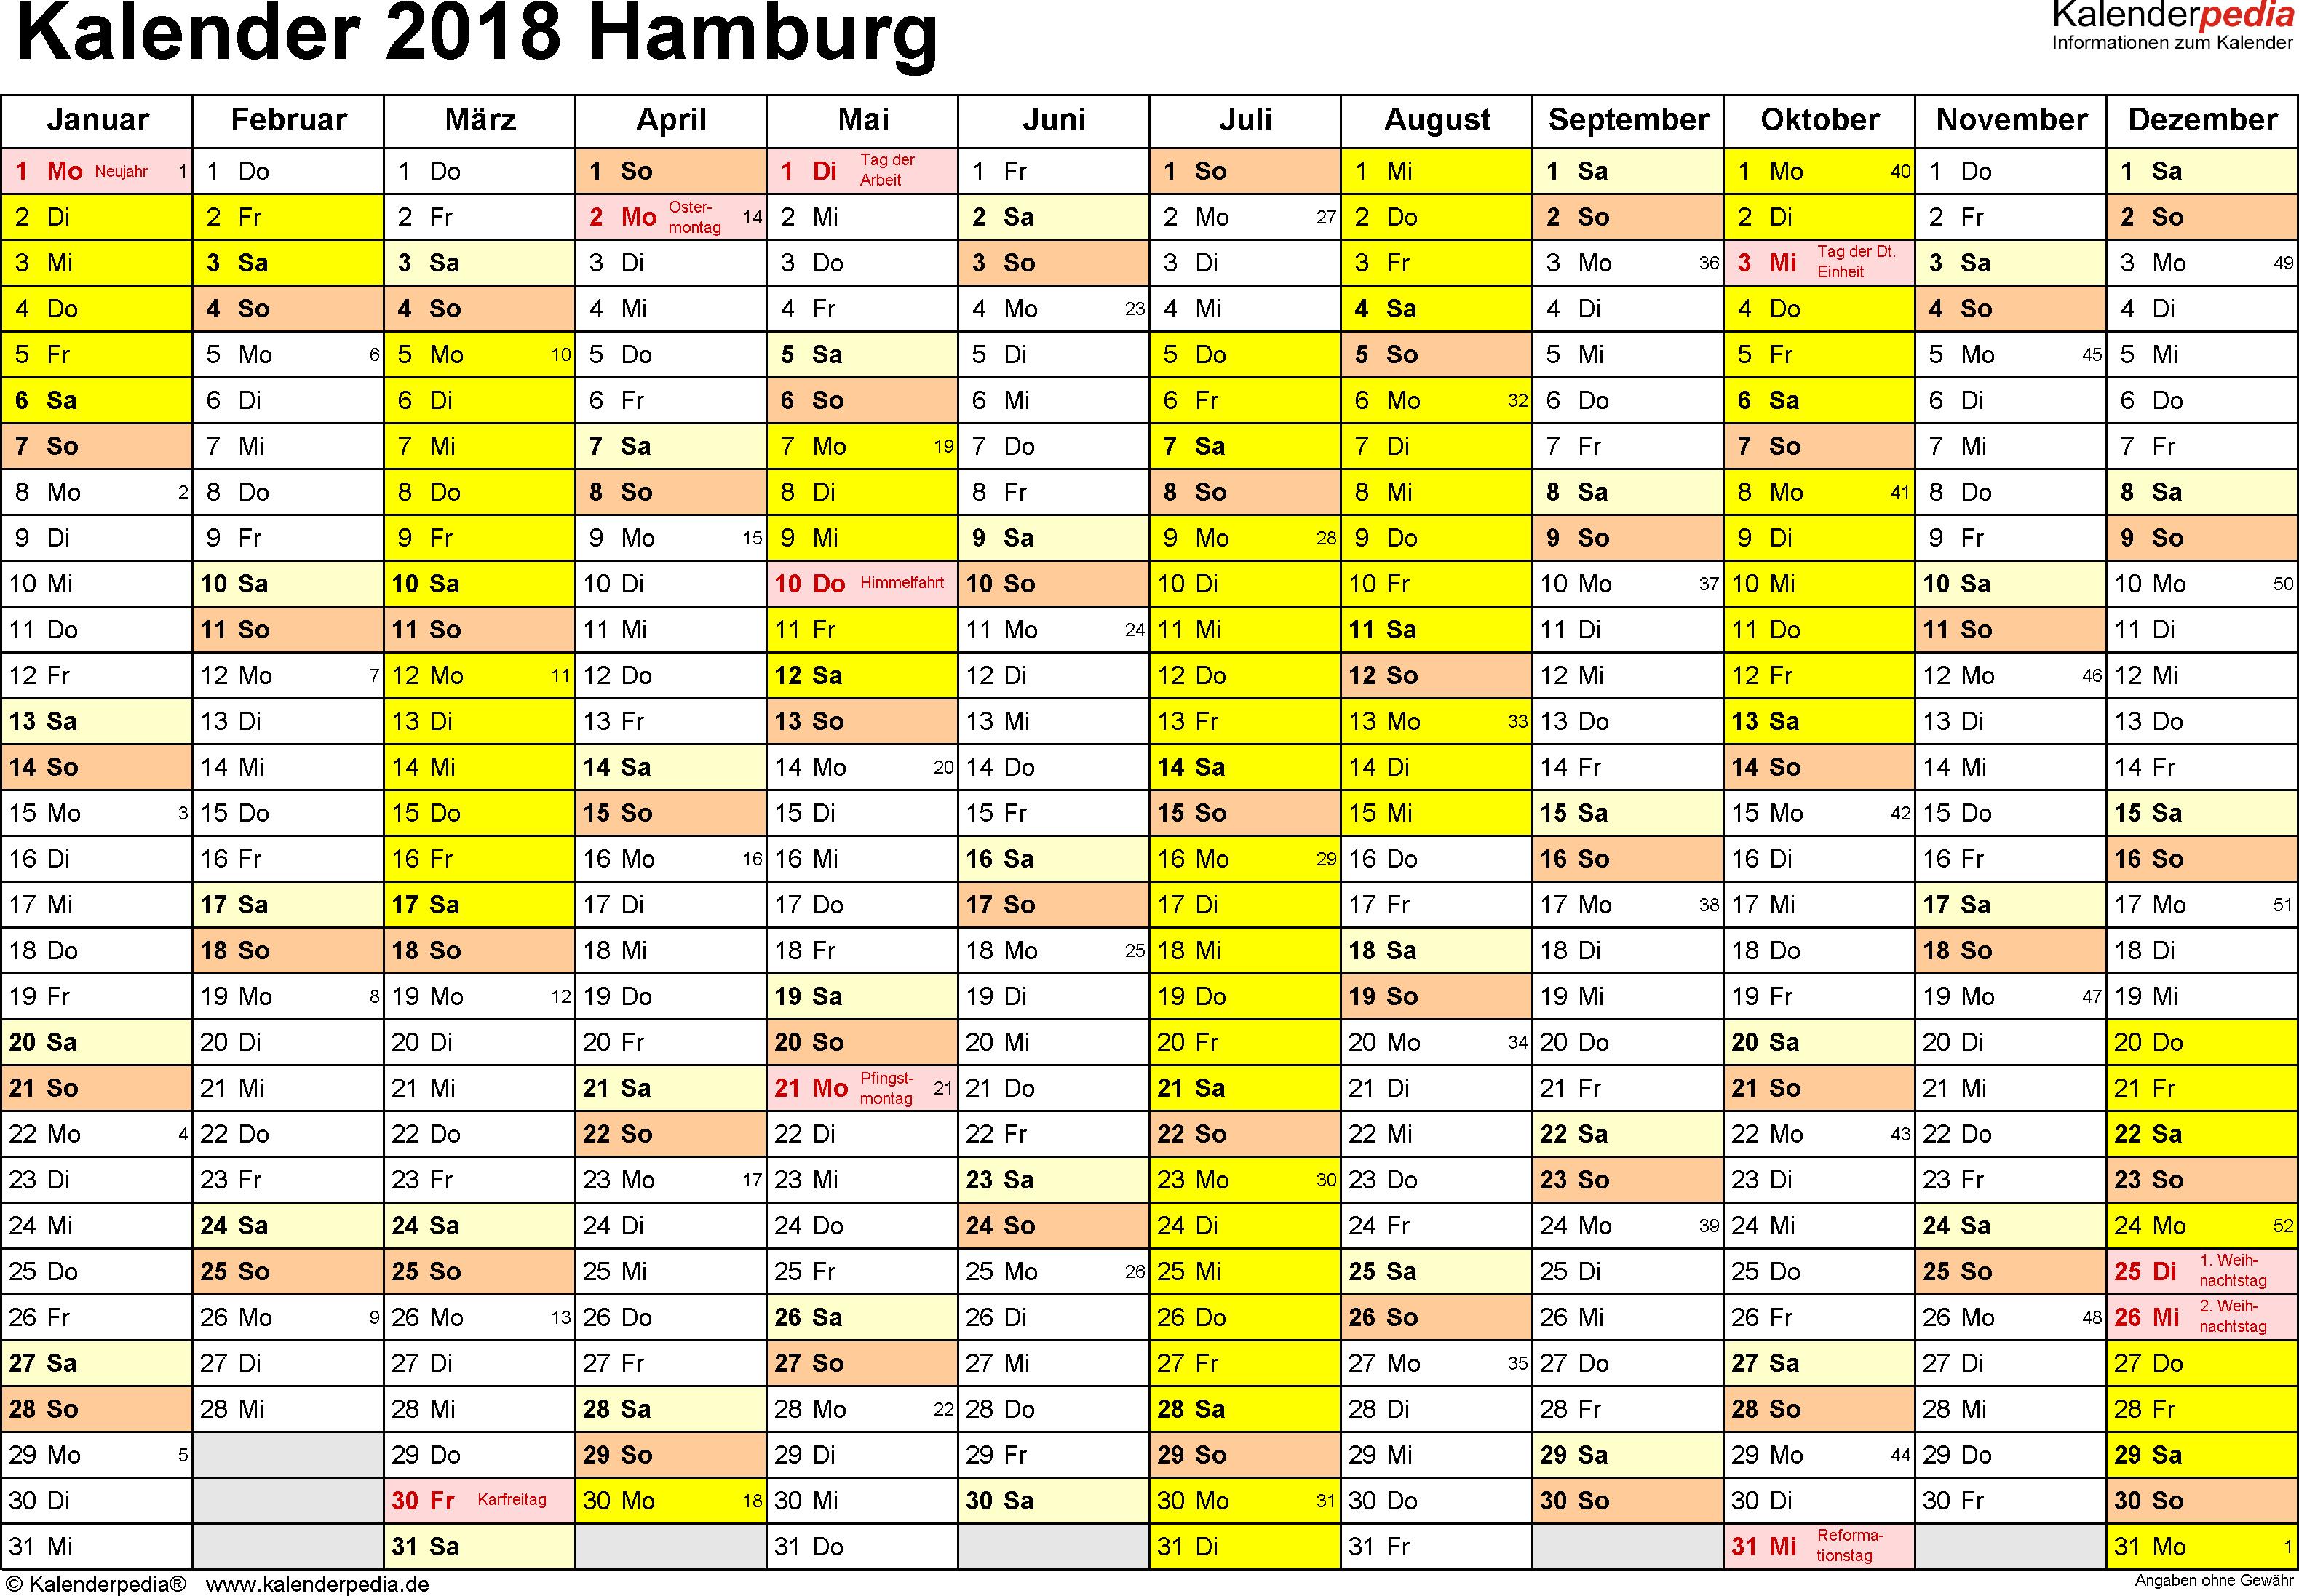 Vorlage 1: Kalender 2018 für Hamburg als Excel-Vorlage (Querformat, 1 Seite)